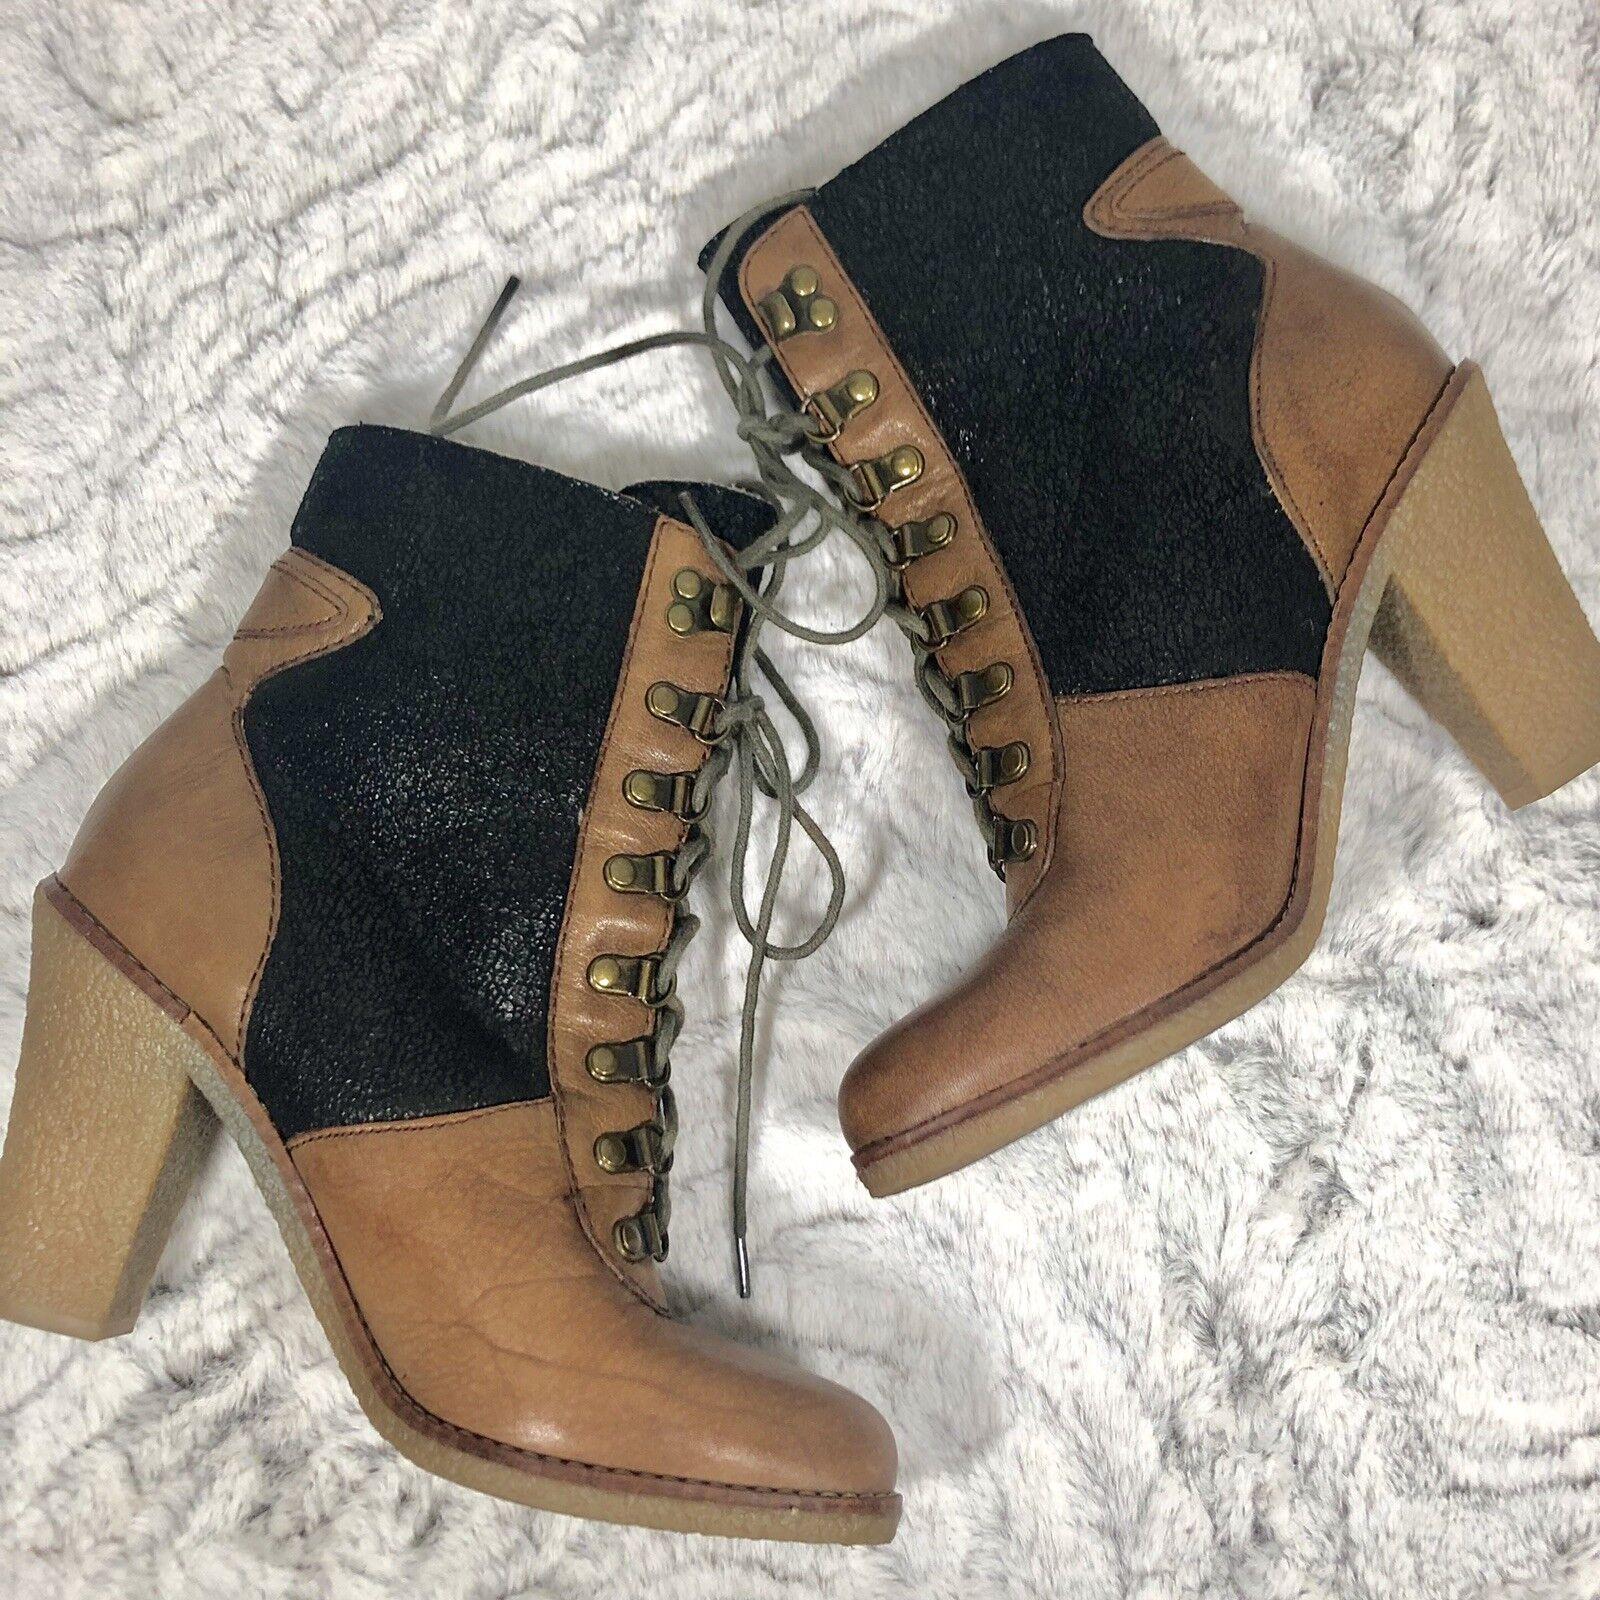 Sam Edelman Tara dos tonos de piel de imitación de cuero con cordones tacón alto botas tamaño 8.5 M (H16)